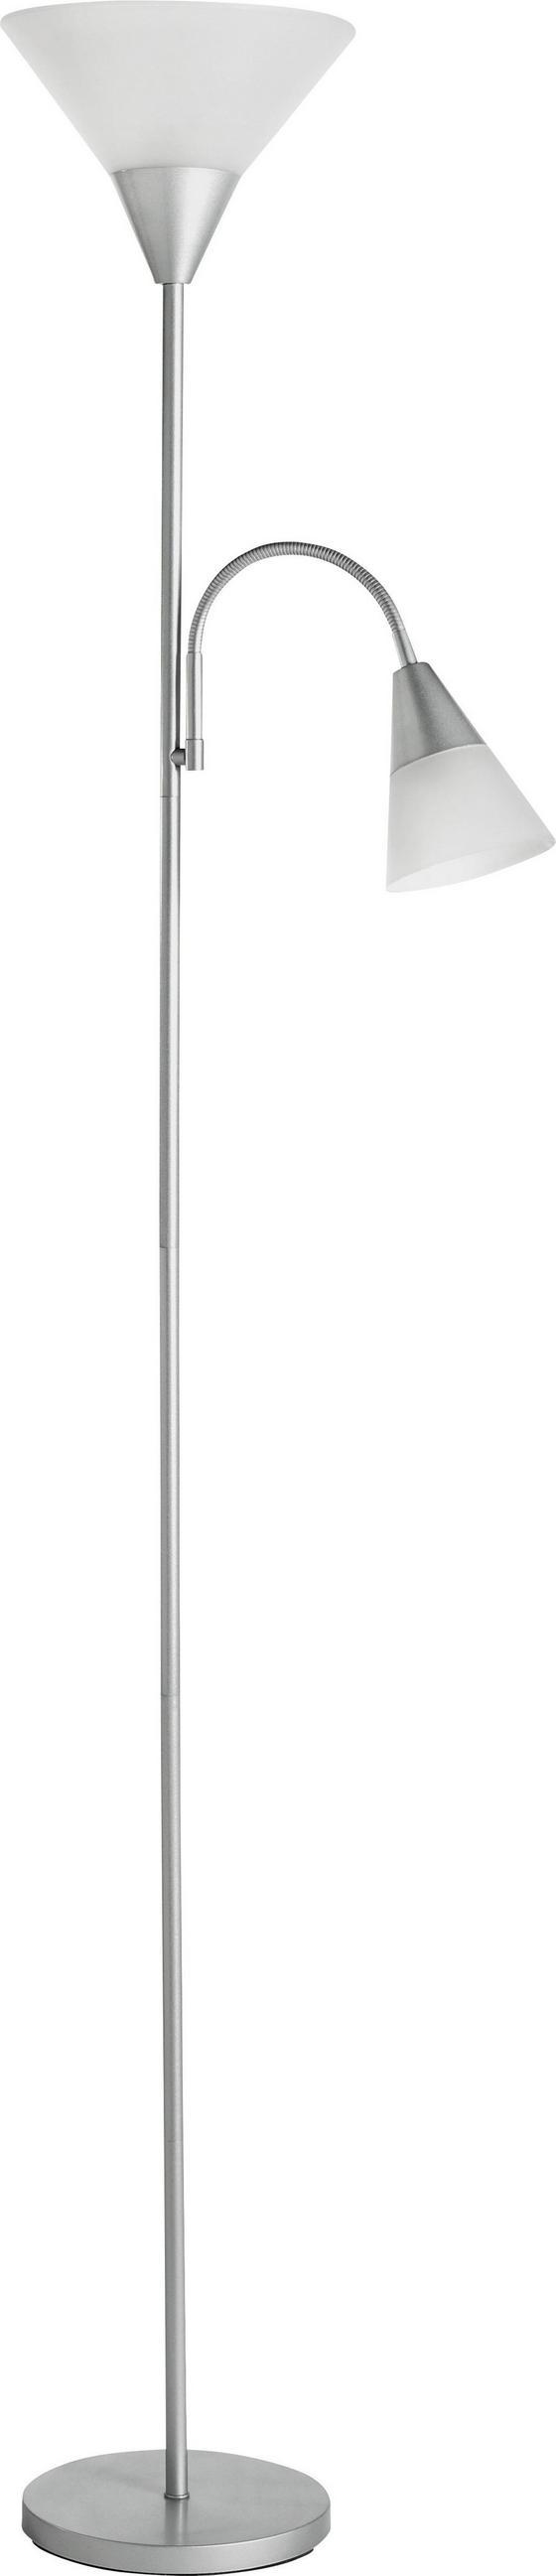 Állólámpa Filipa - Ezüst, konvencionális, Műanyag/Fém (182cm) - Homezone